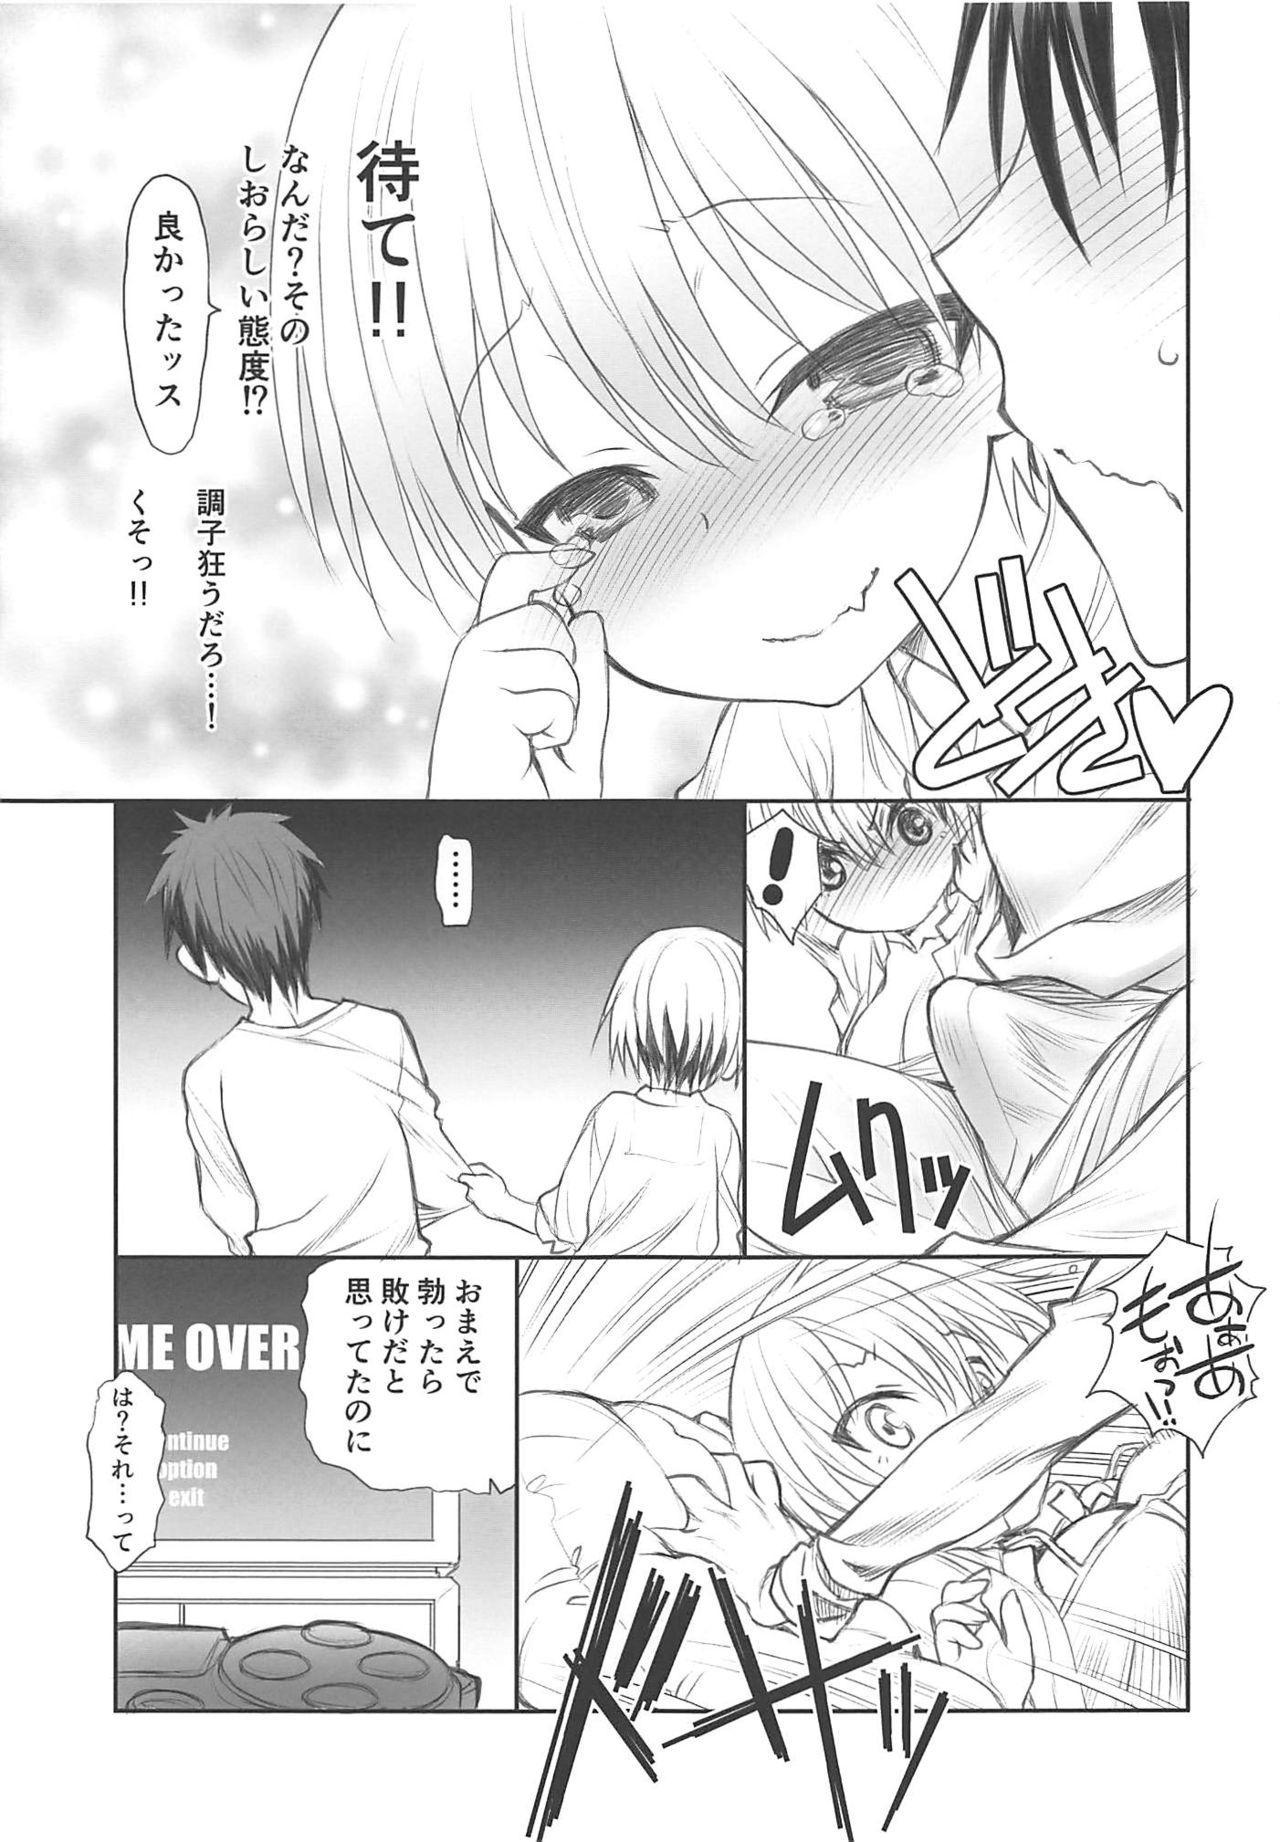 Uzaki-chan wa Yararetai! 6